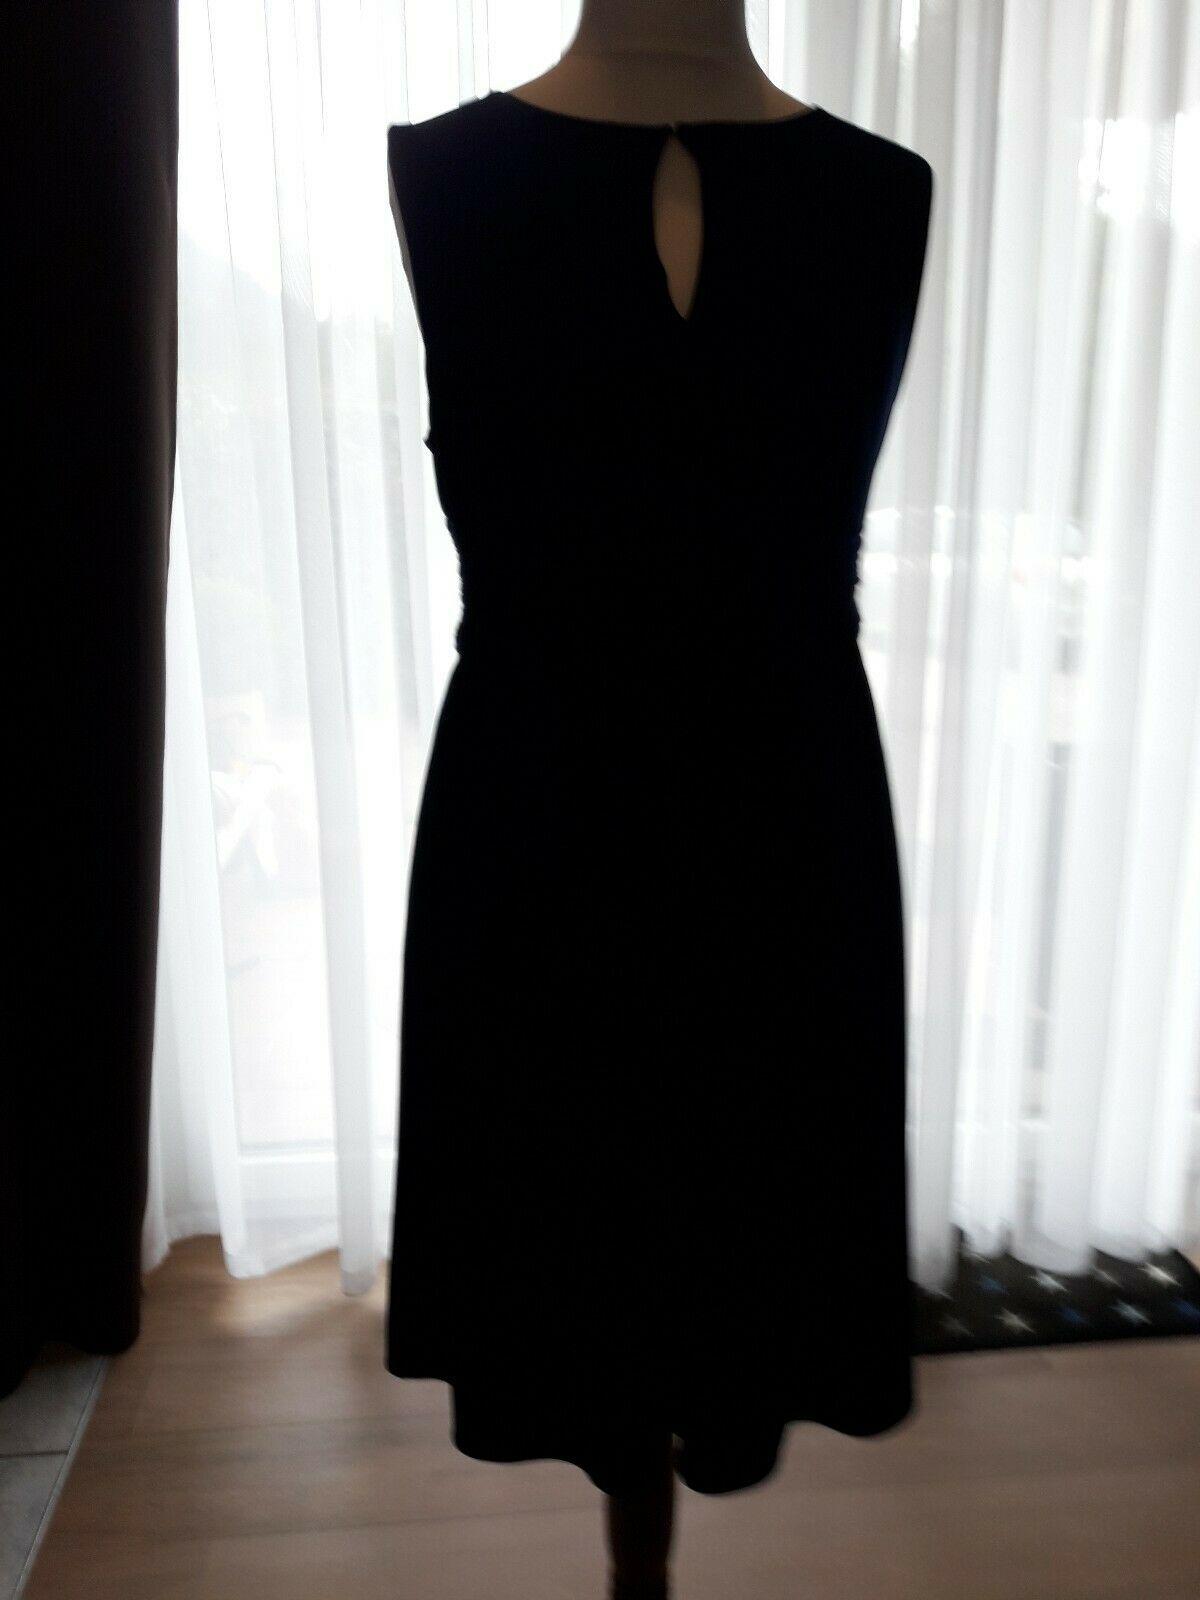 Kleid Ashley Brooke 14 blau Party festlich Weihnachten - Festliche